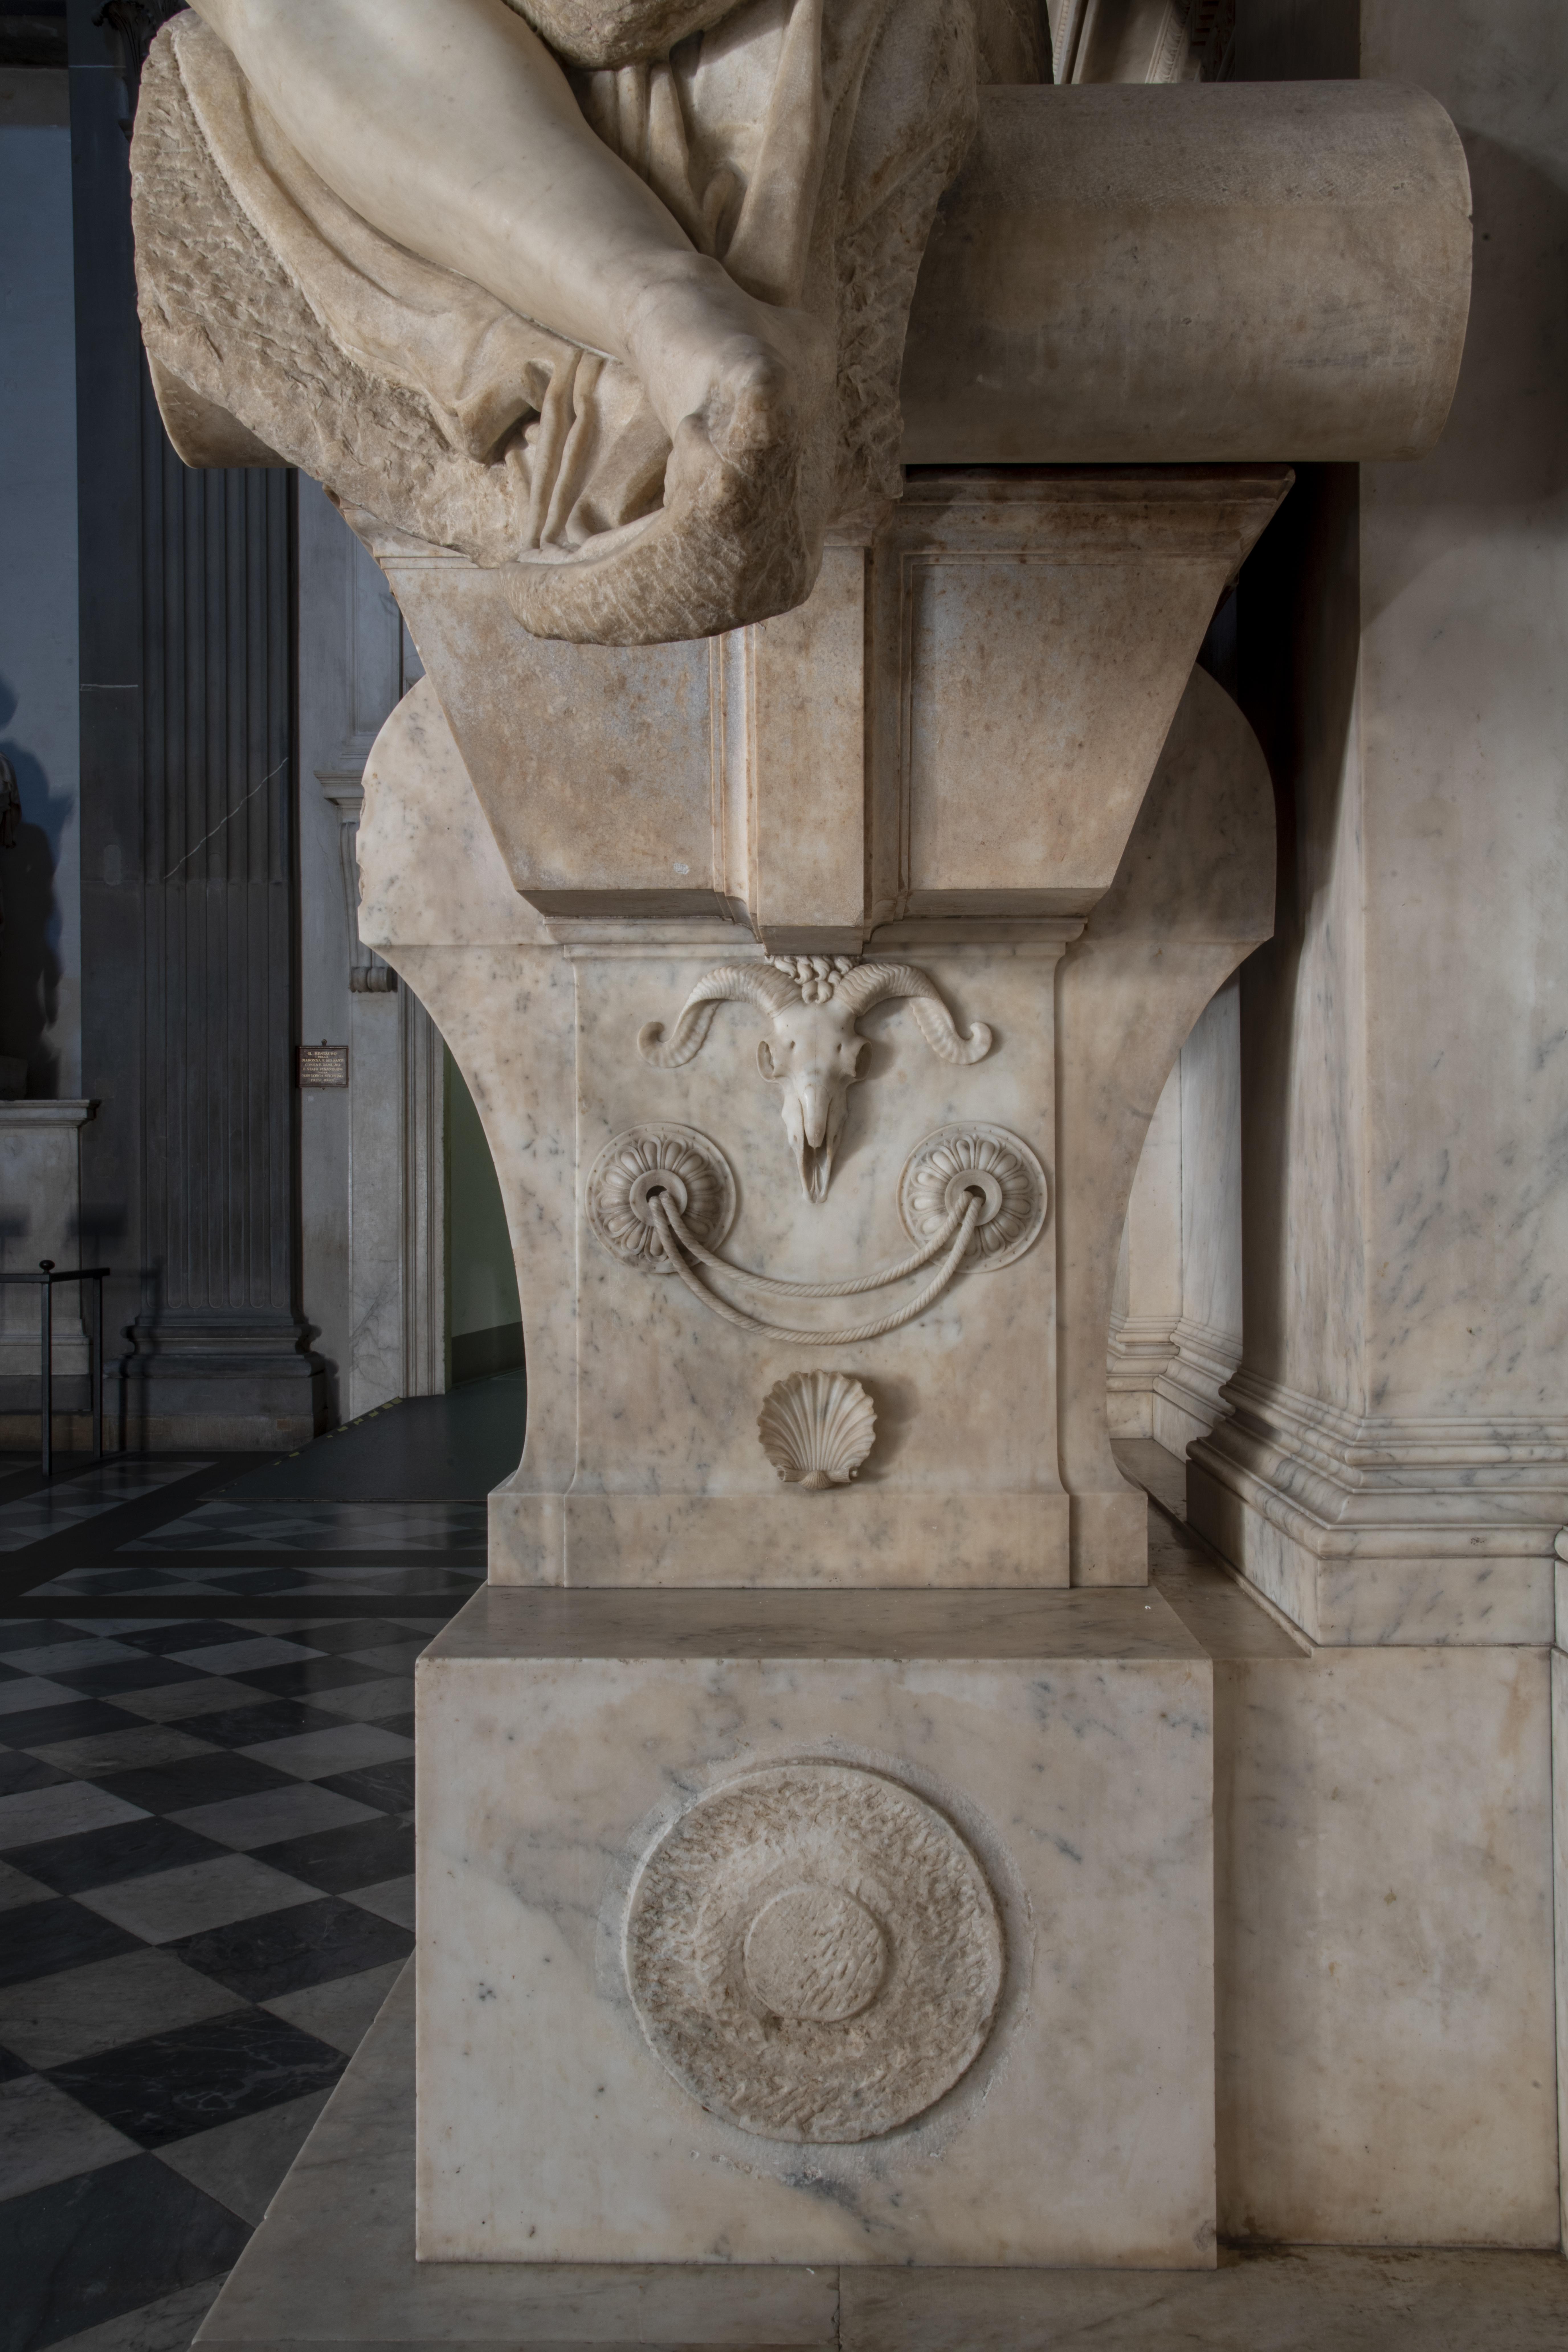 Sacrestia Nuova, Michelangelo, Tomba di Lorenzo duca di Urbino